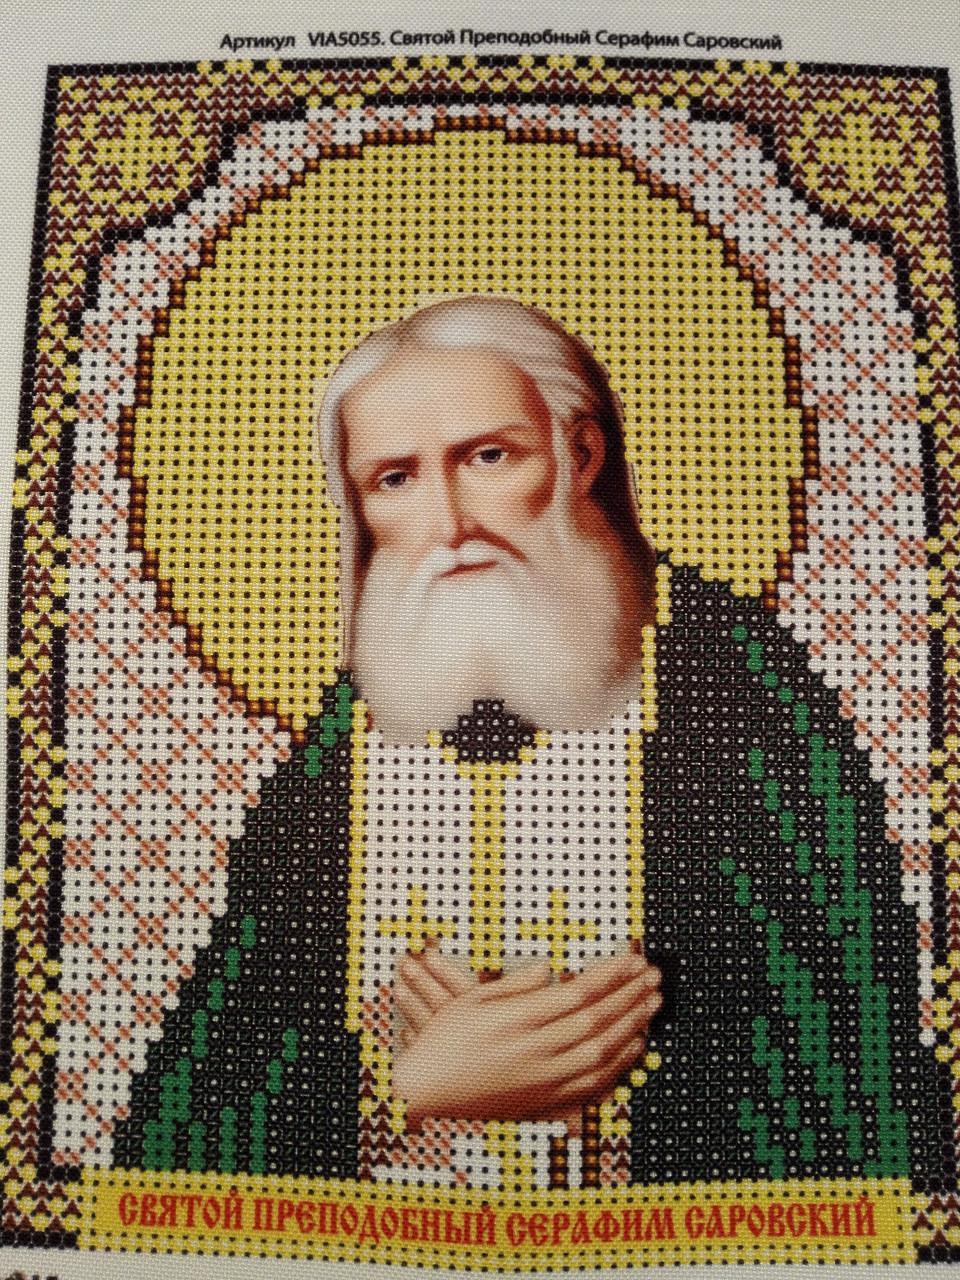 Набор для вышивки бисером икона Святой Преподобный Серафим Саровский VIA 5055